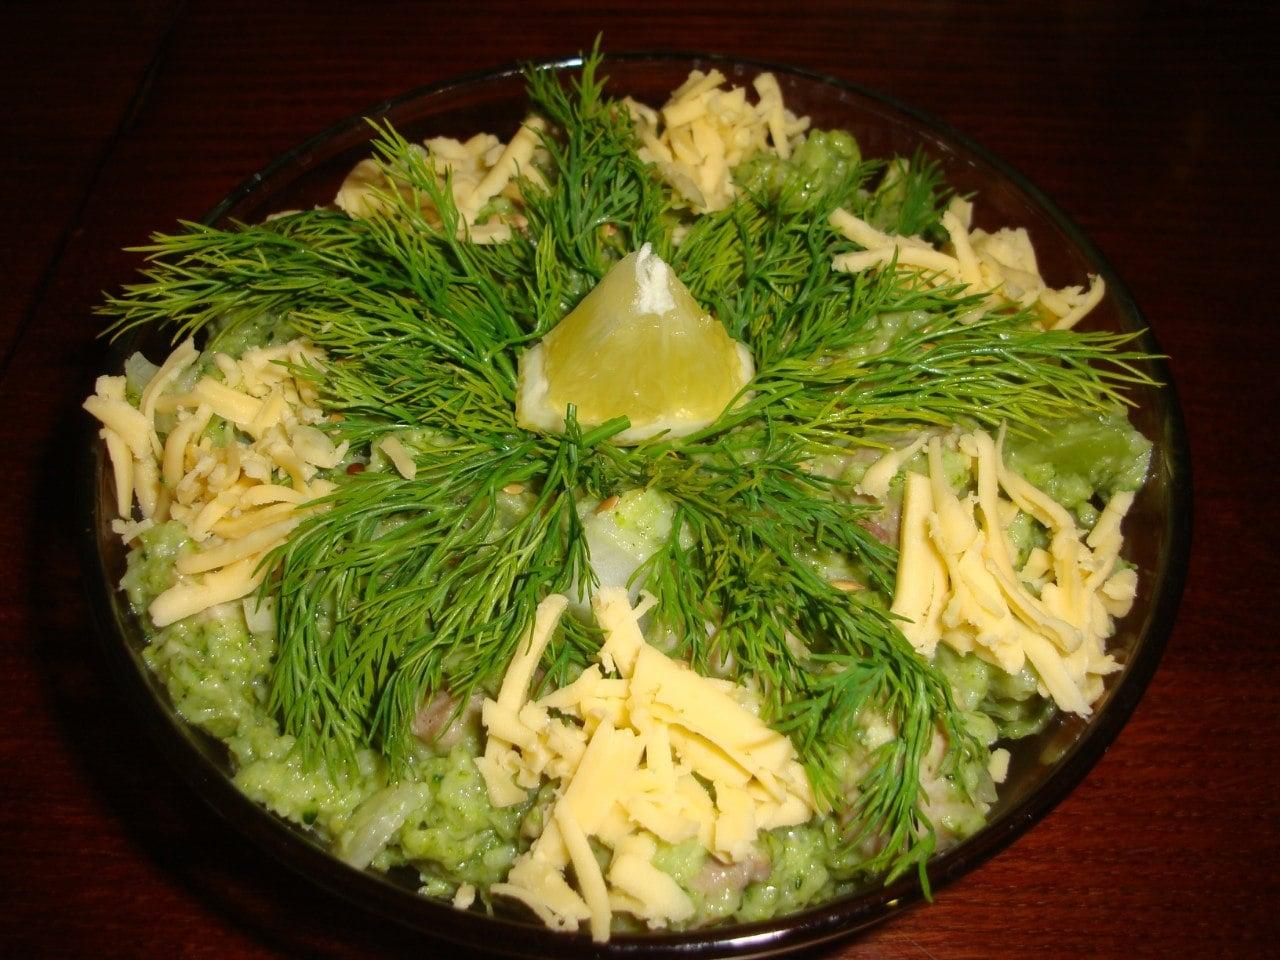 Салат из мяса с брокколи - приготовление, шаг 6